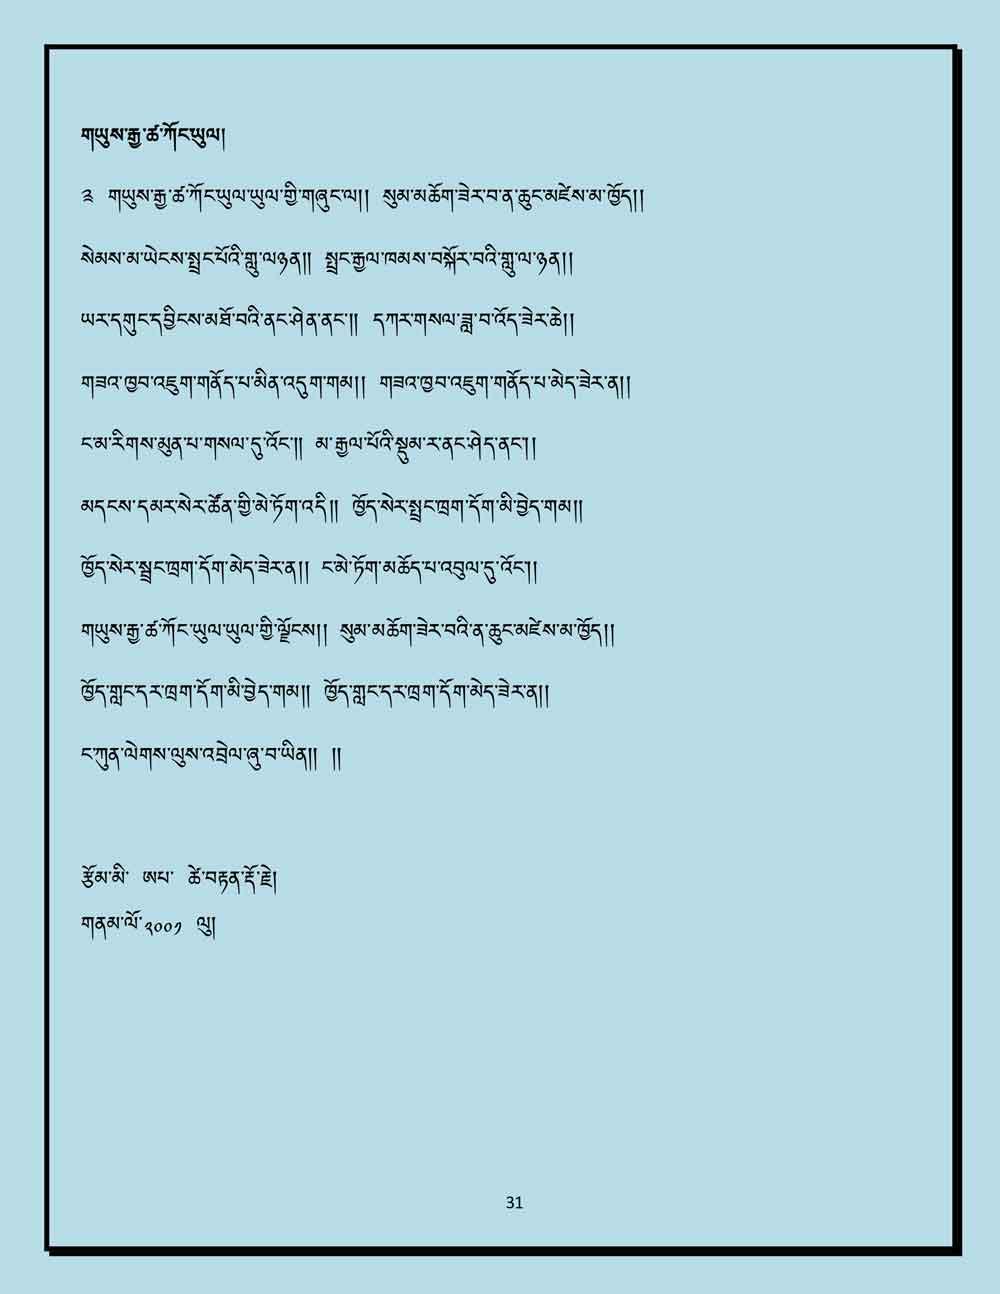 Ap-Tseten-Lyrics-31.jpg